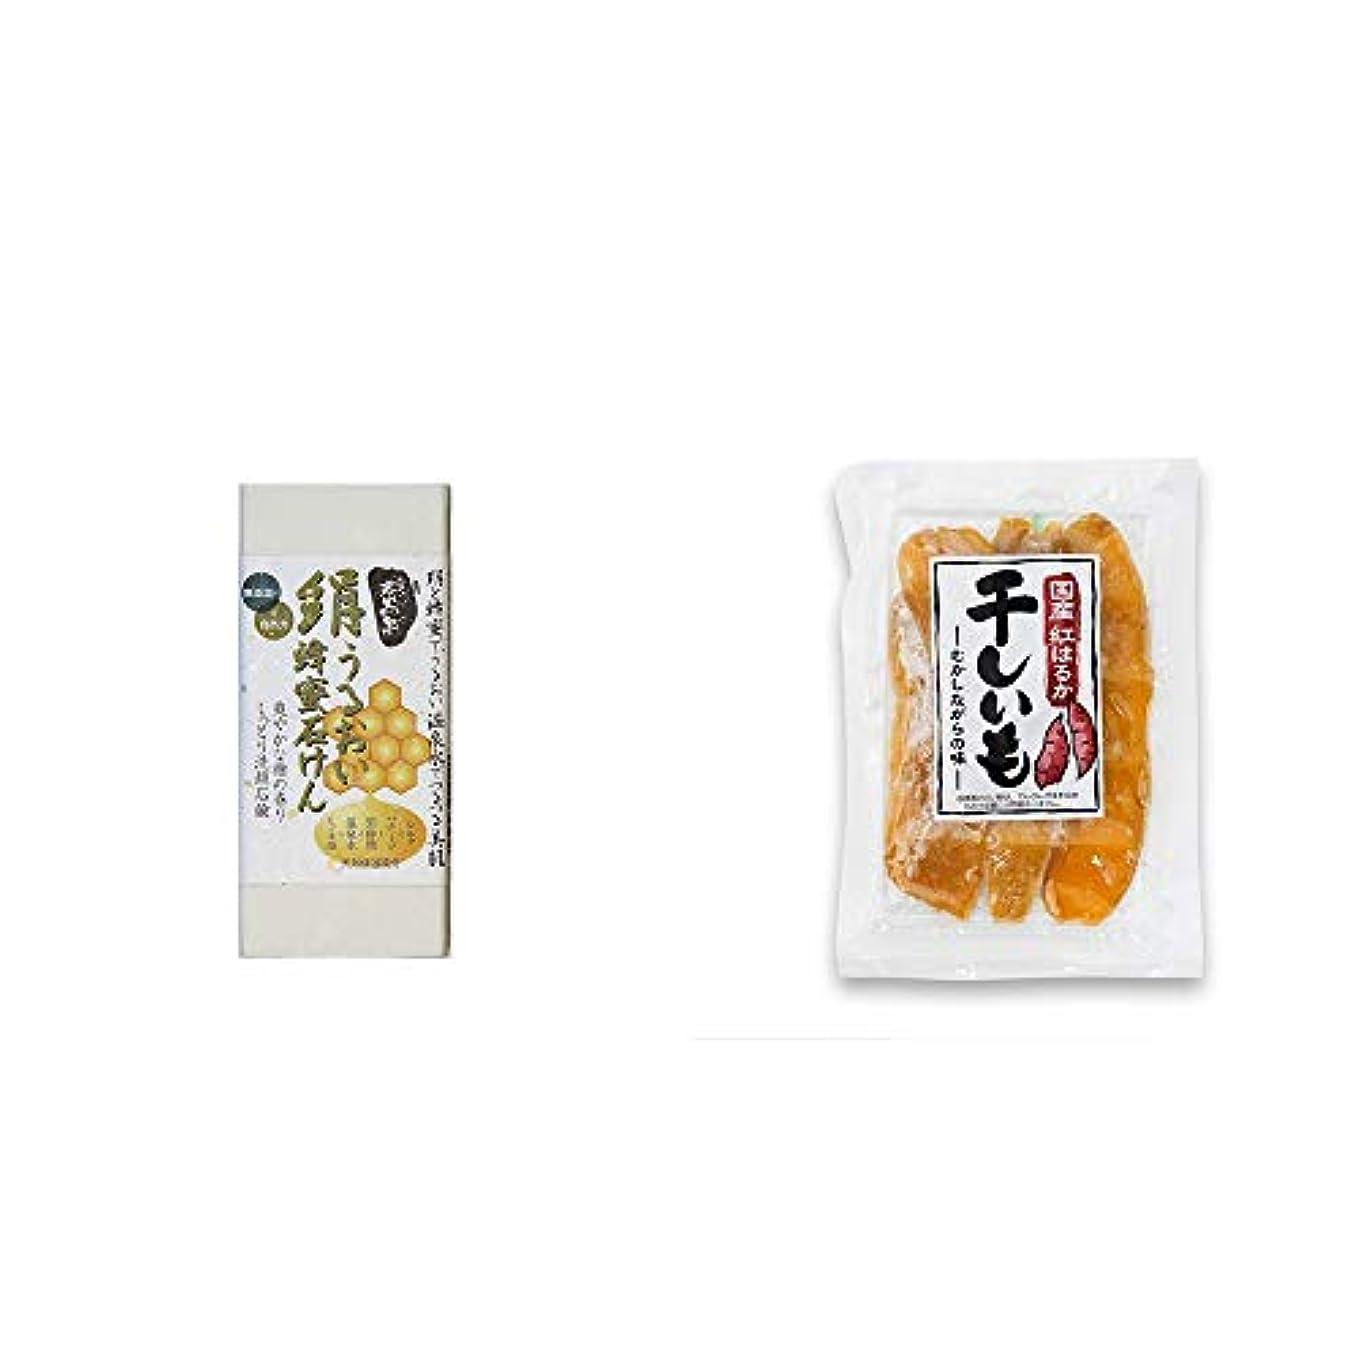 効率粘液乳白[2点セット] ひのき炭黒泉 絹うるおい蜂蜜石けん(75g×2)?国産 紅はるか 干しいも(140g)